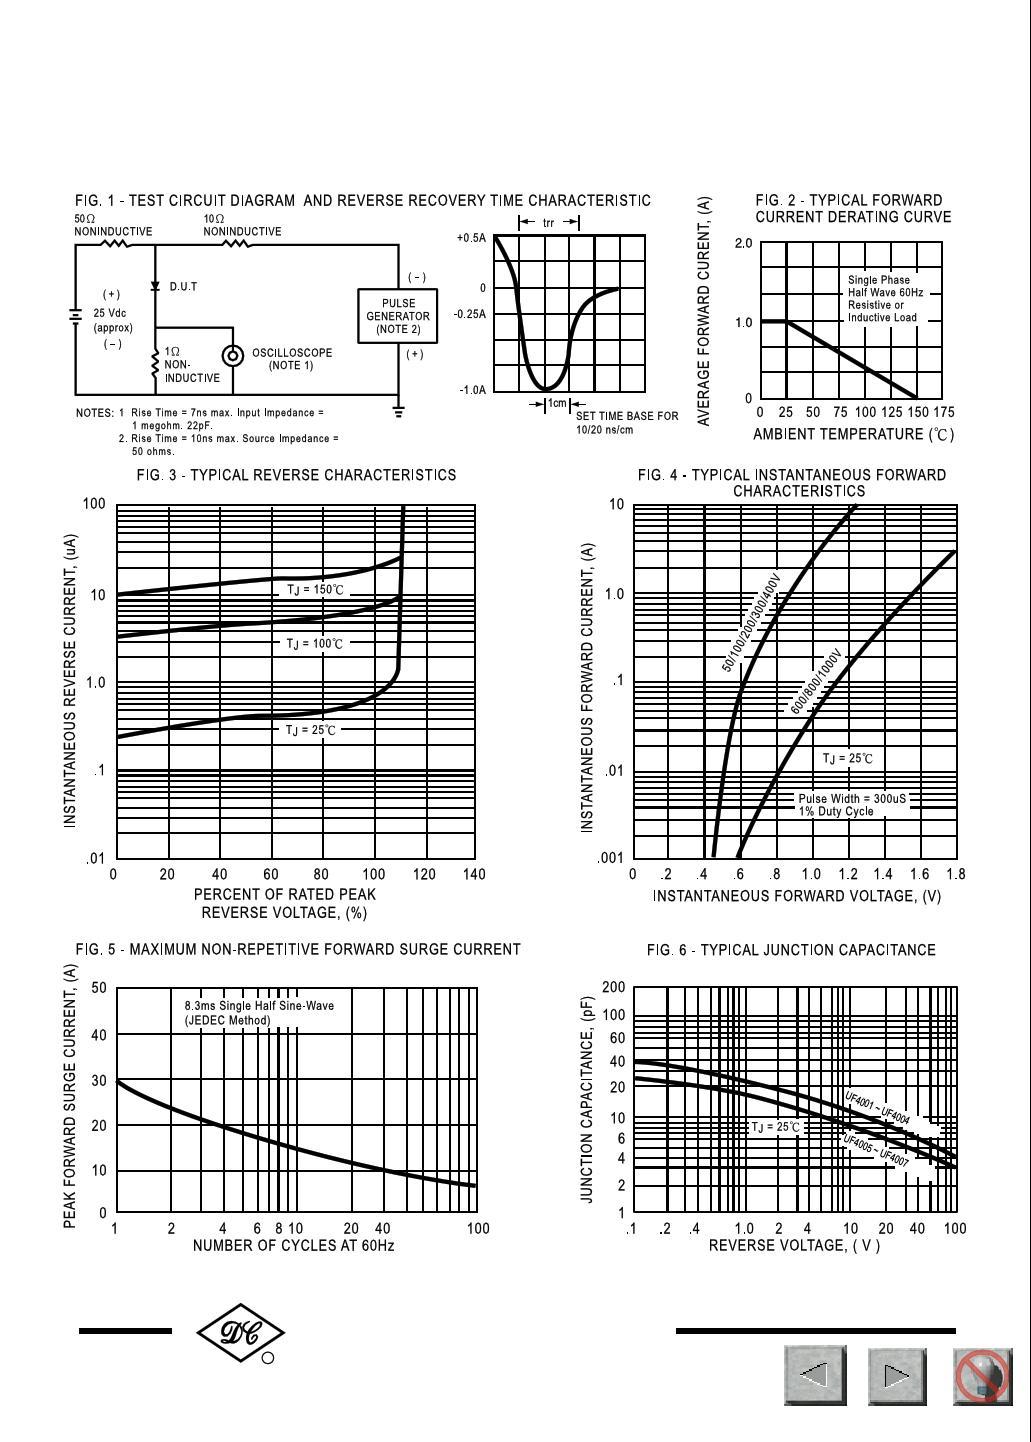 uf4001 datasheet pdf   pinout   -  uf4001